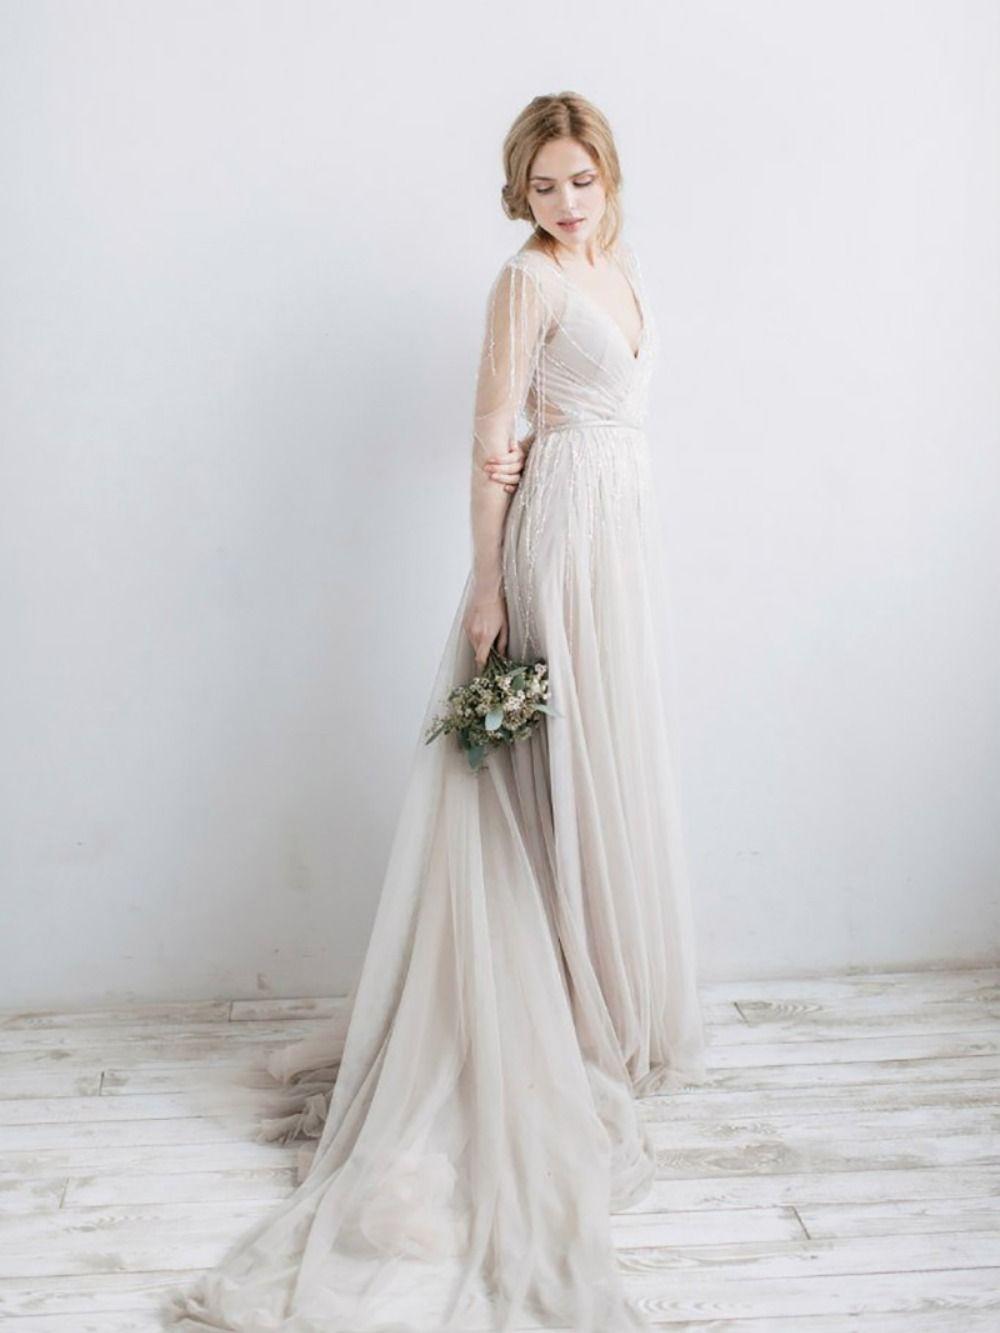 12 Etsy Wedding Novia Dresses Novia De Vestidos On Novios Y Dreamy TTawr